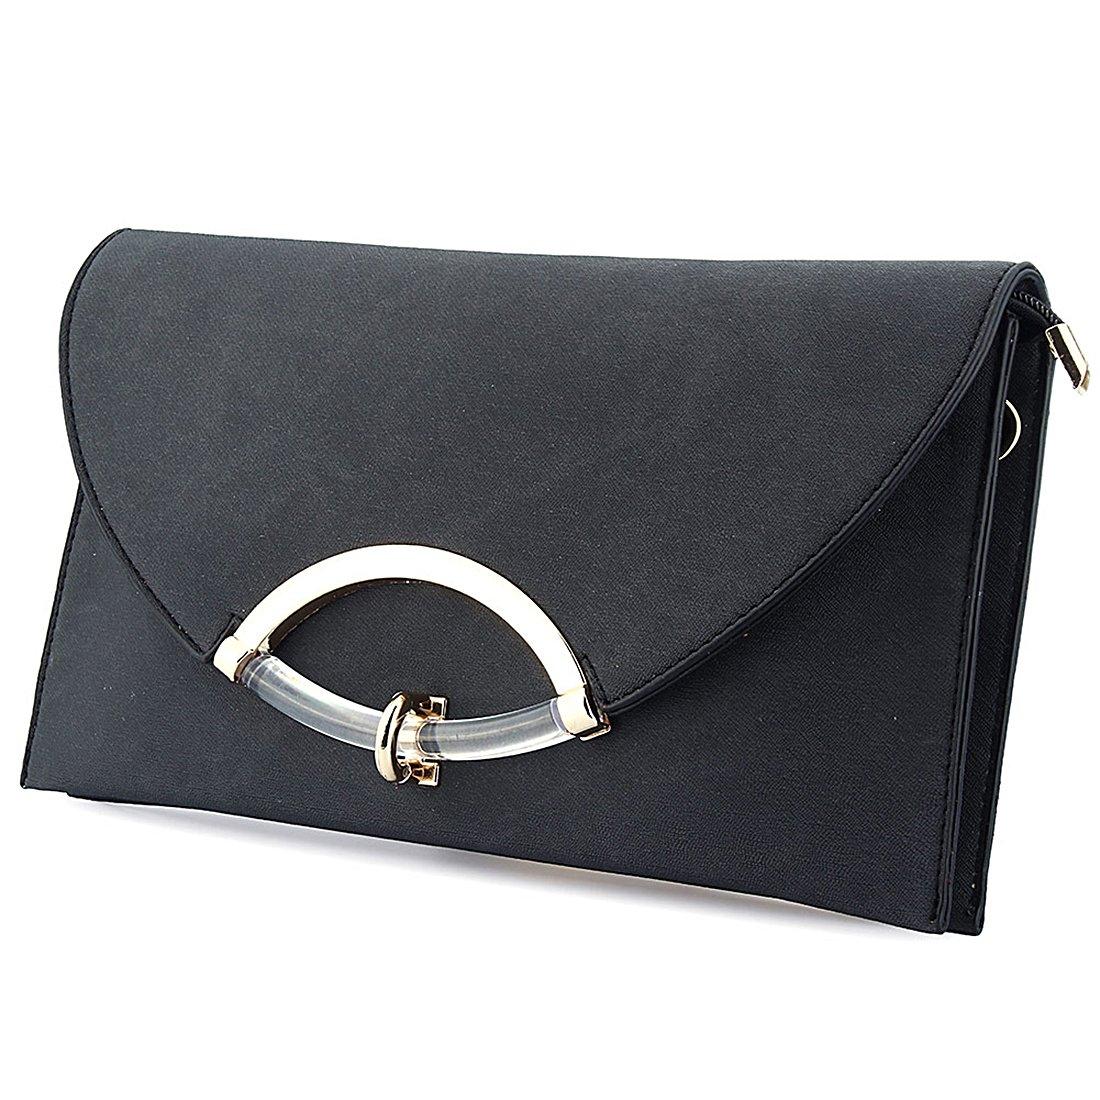 Women Leather Messenger Envelope Bags Shoulder Handbag Evening Clutch Bag with Adjustable Strap (Black)